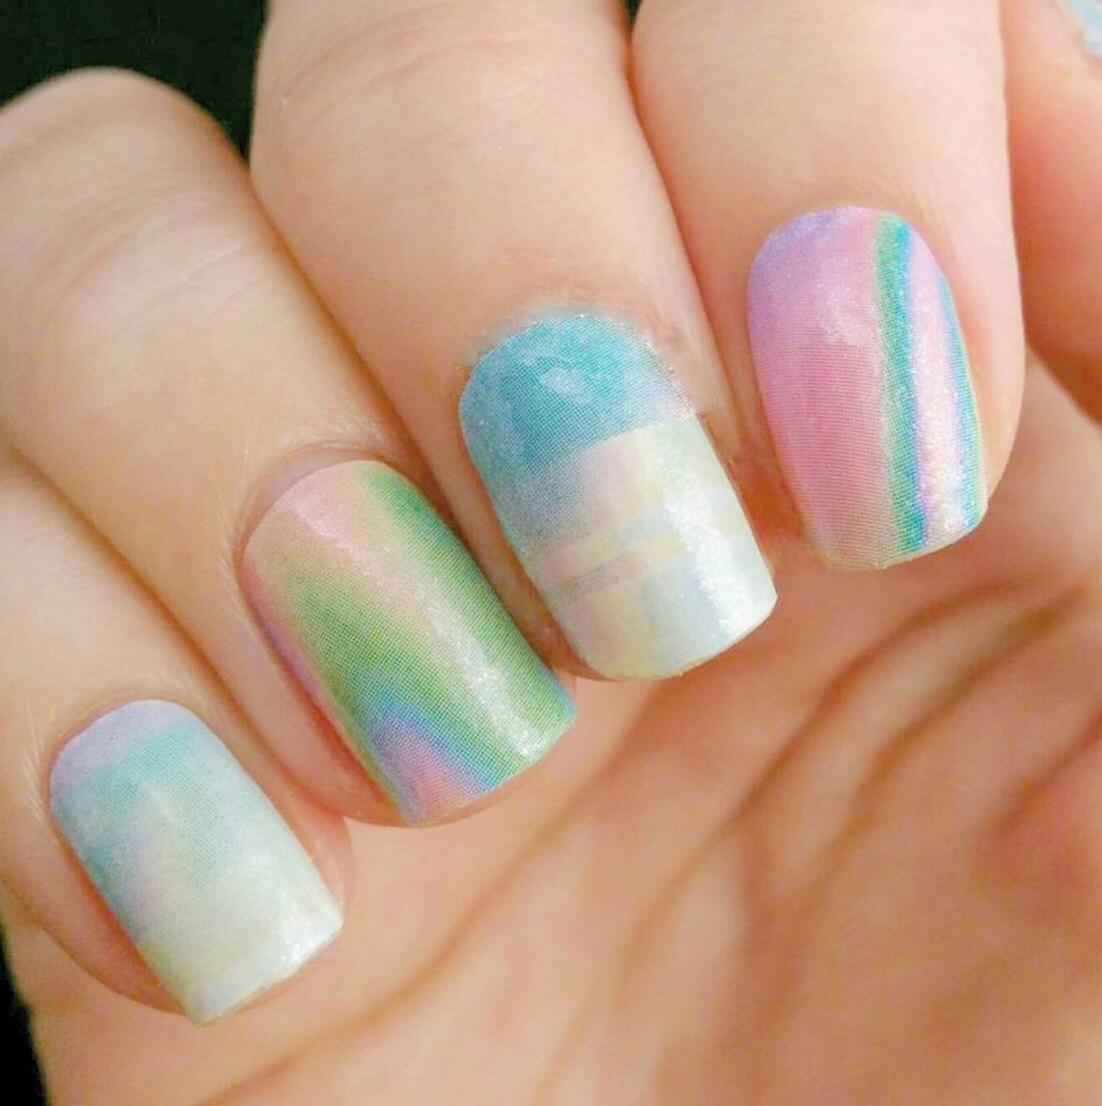 Diy Vinyl Nail Wraps.Opal Nail Polish Wraps Strips From ItsPersonail ...